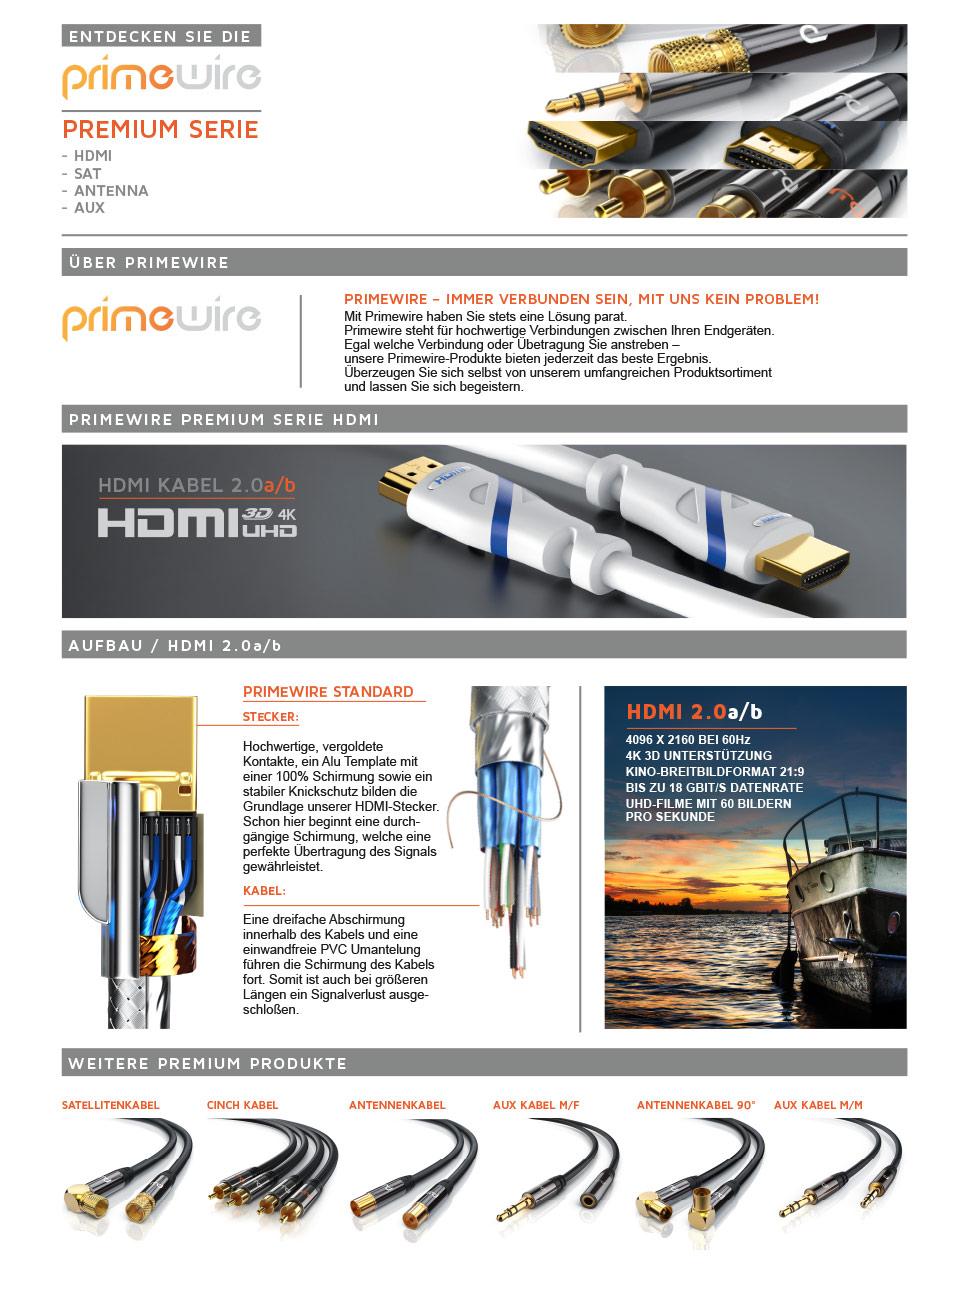 CSL - 2m HDMI Kabel 2.0a / 2.0b | Ultra HD 4k 60Hz |: Amazon.de ...